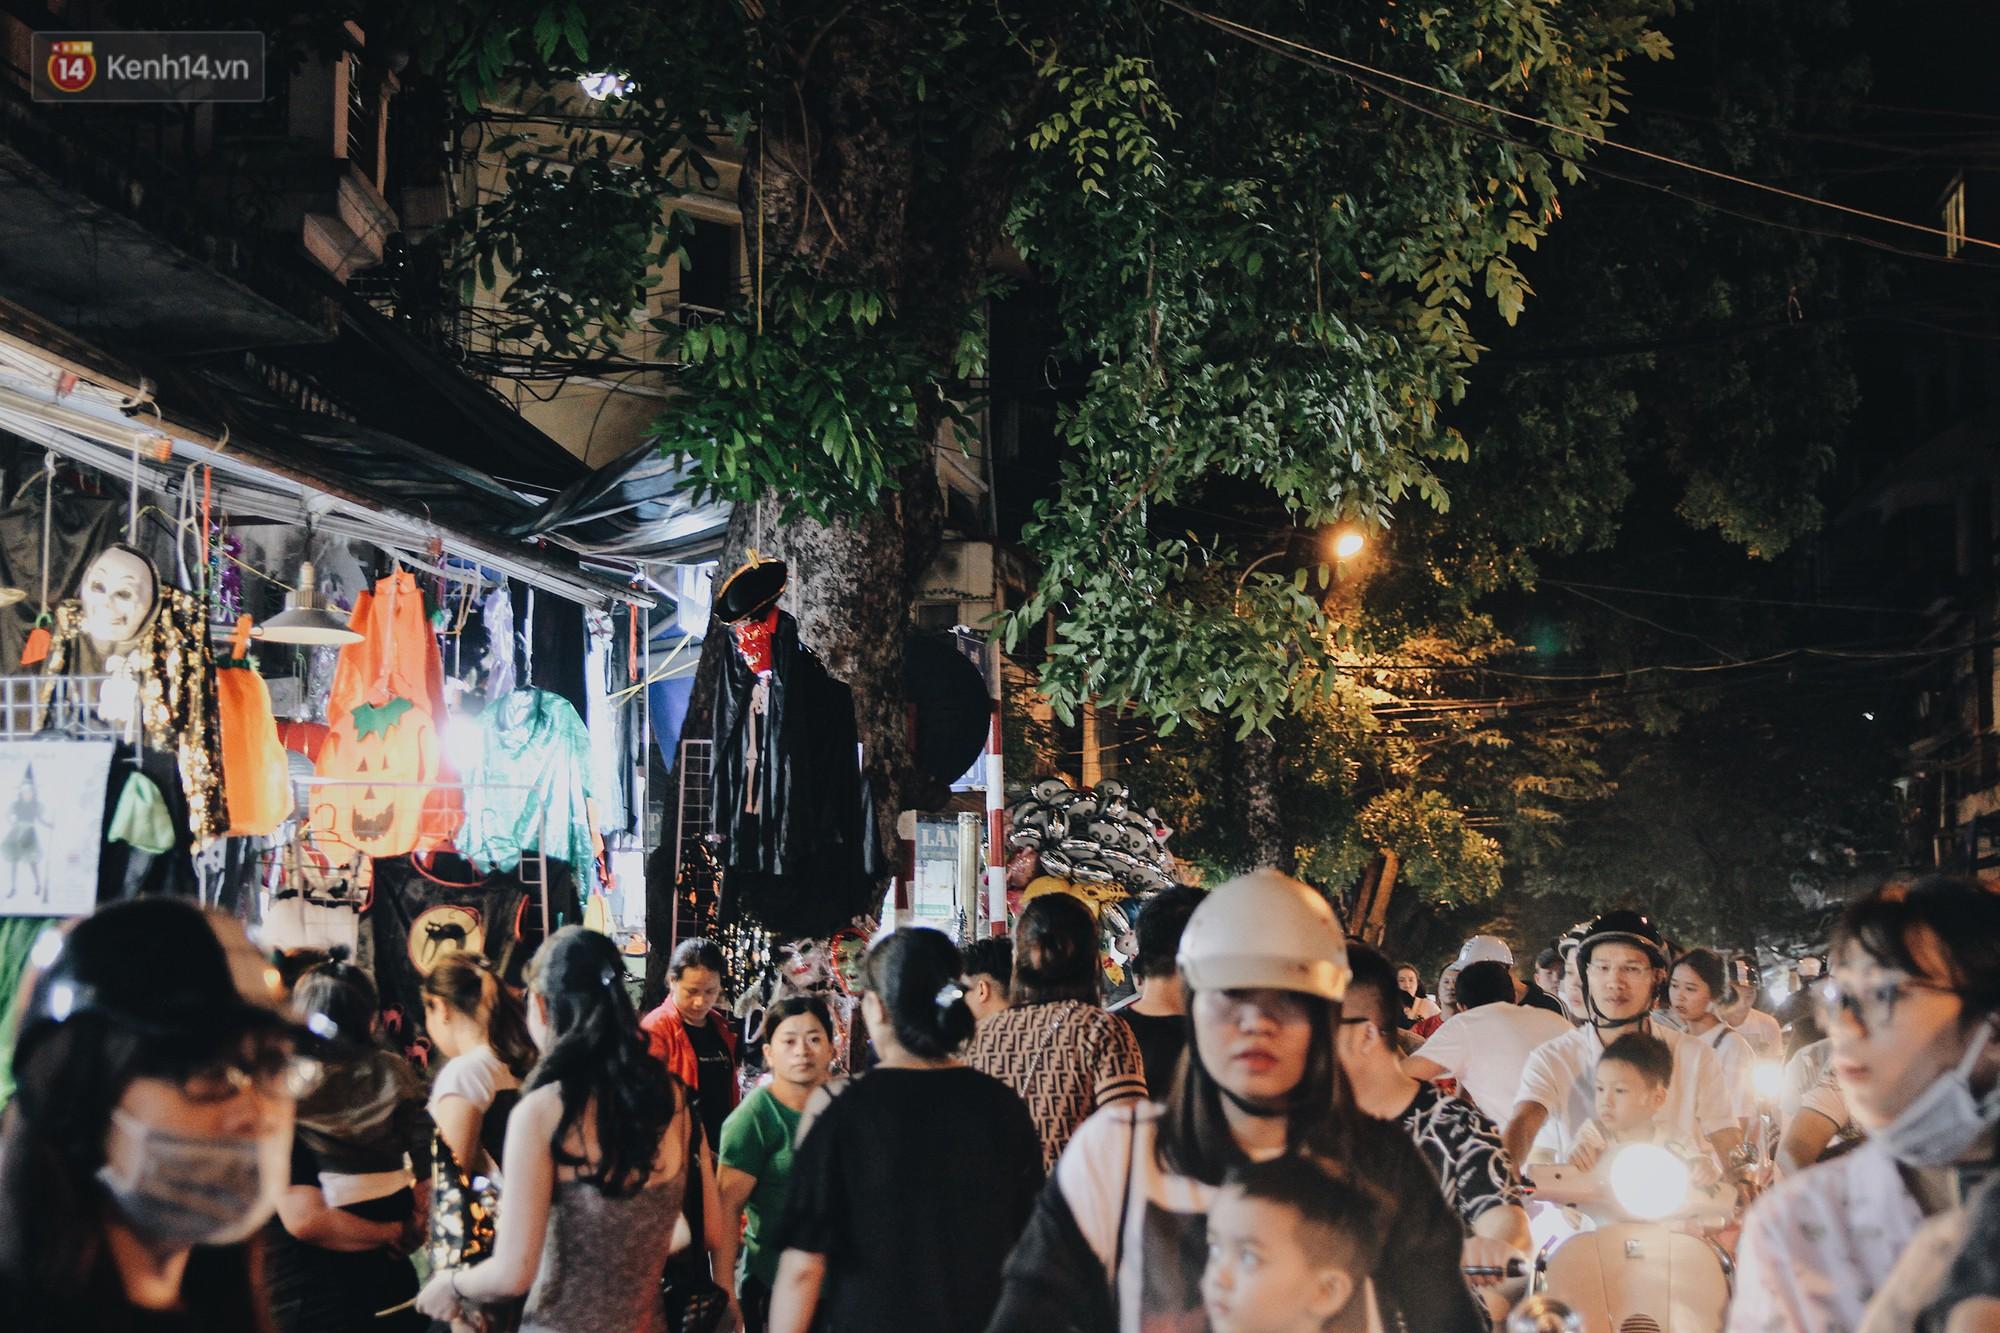 Hình ảnh Halloween tại phố Hàng Mã Hà Nội - Ảnh 4.